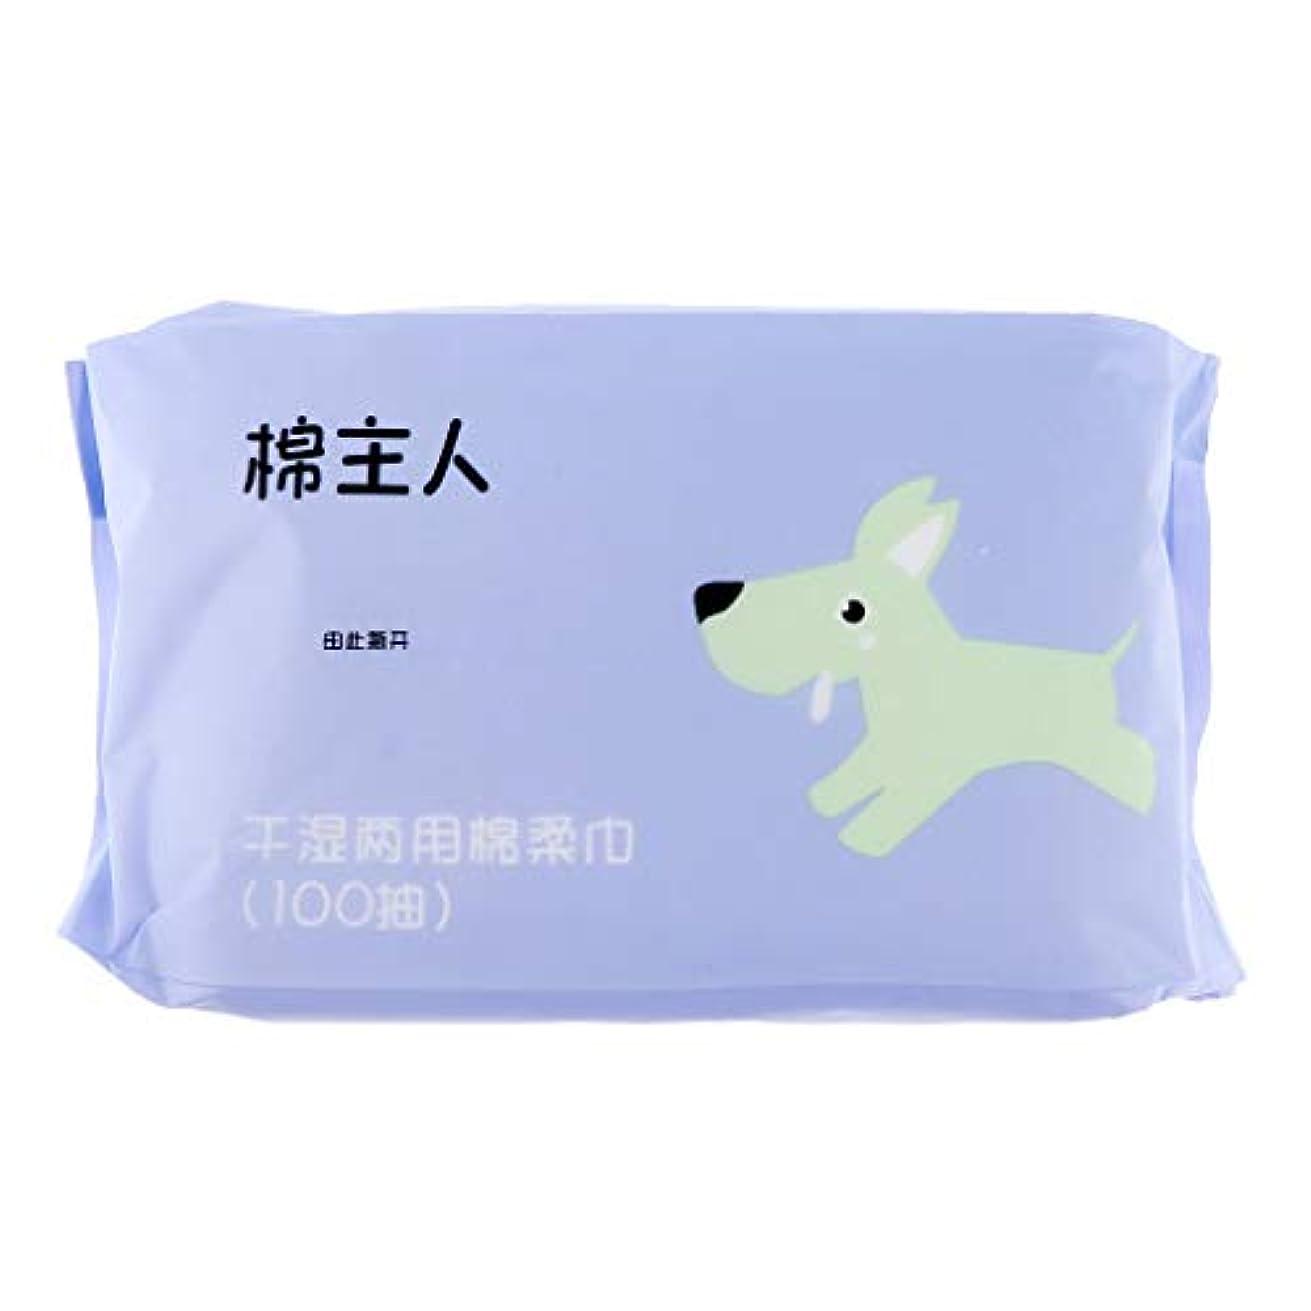 ユーザー輸血りB Baosity 約100枚 使い捨て クレンジングシート ソフト 便利 スキンケア 2色選べ  - 青紫